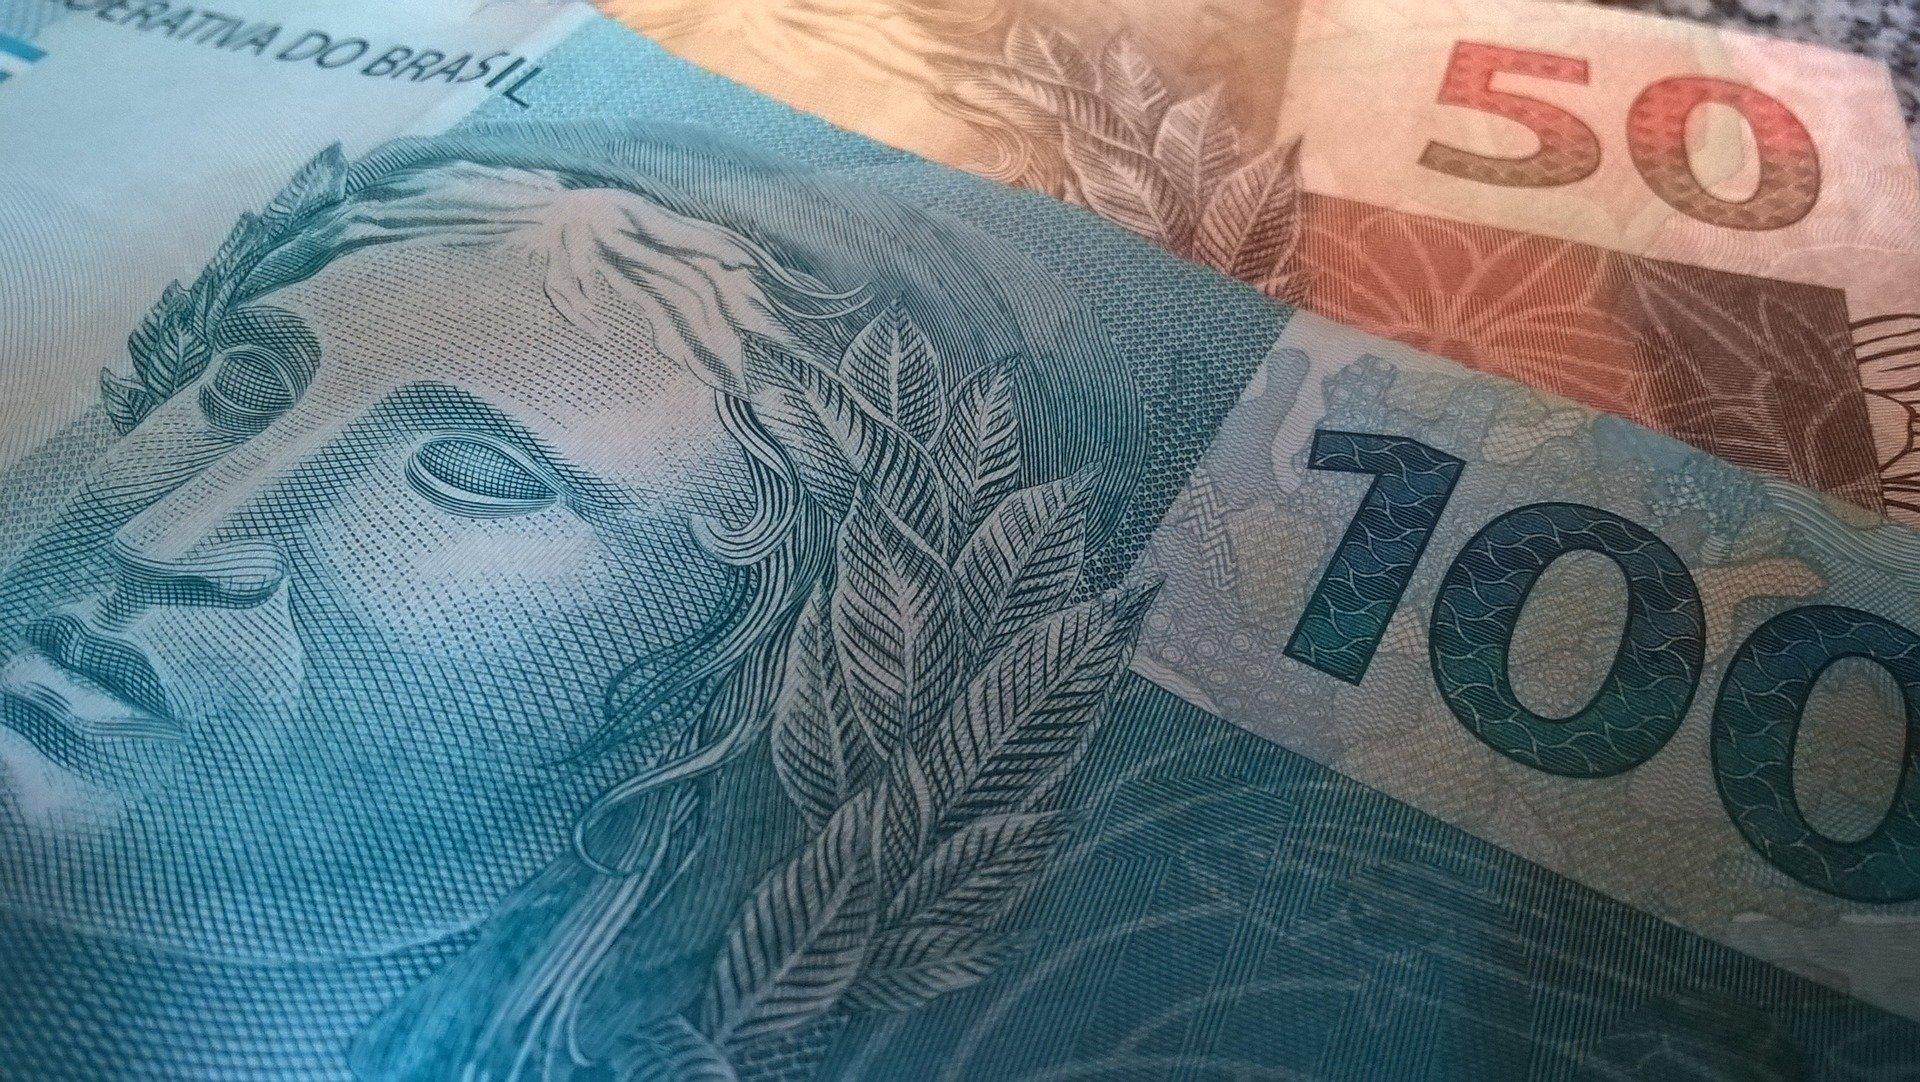 (Líderes do PSL, MDB, PSDB, Novo e de outros nove partidos assinaram carta, nesta quinta-feira (8), que critica pontos da reforma tributária apresentada pelo Governo. Foto: Reprodução/Pixabay)